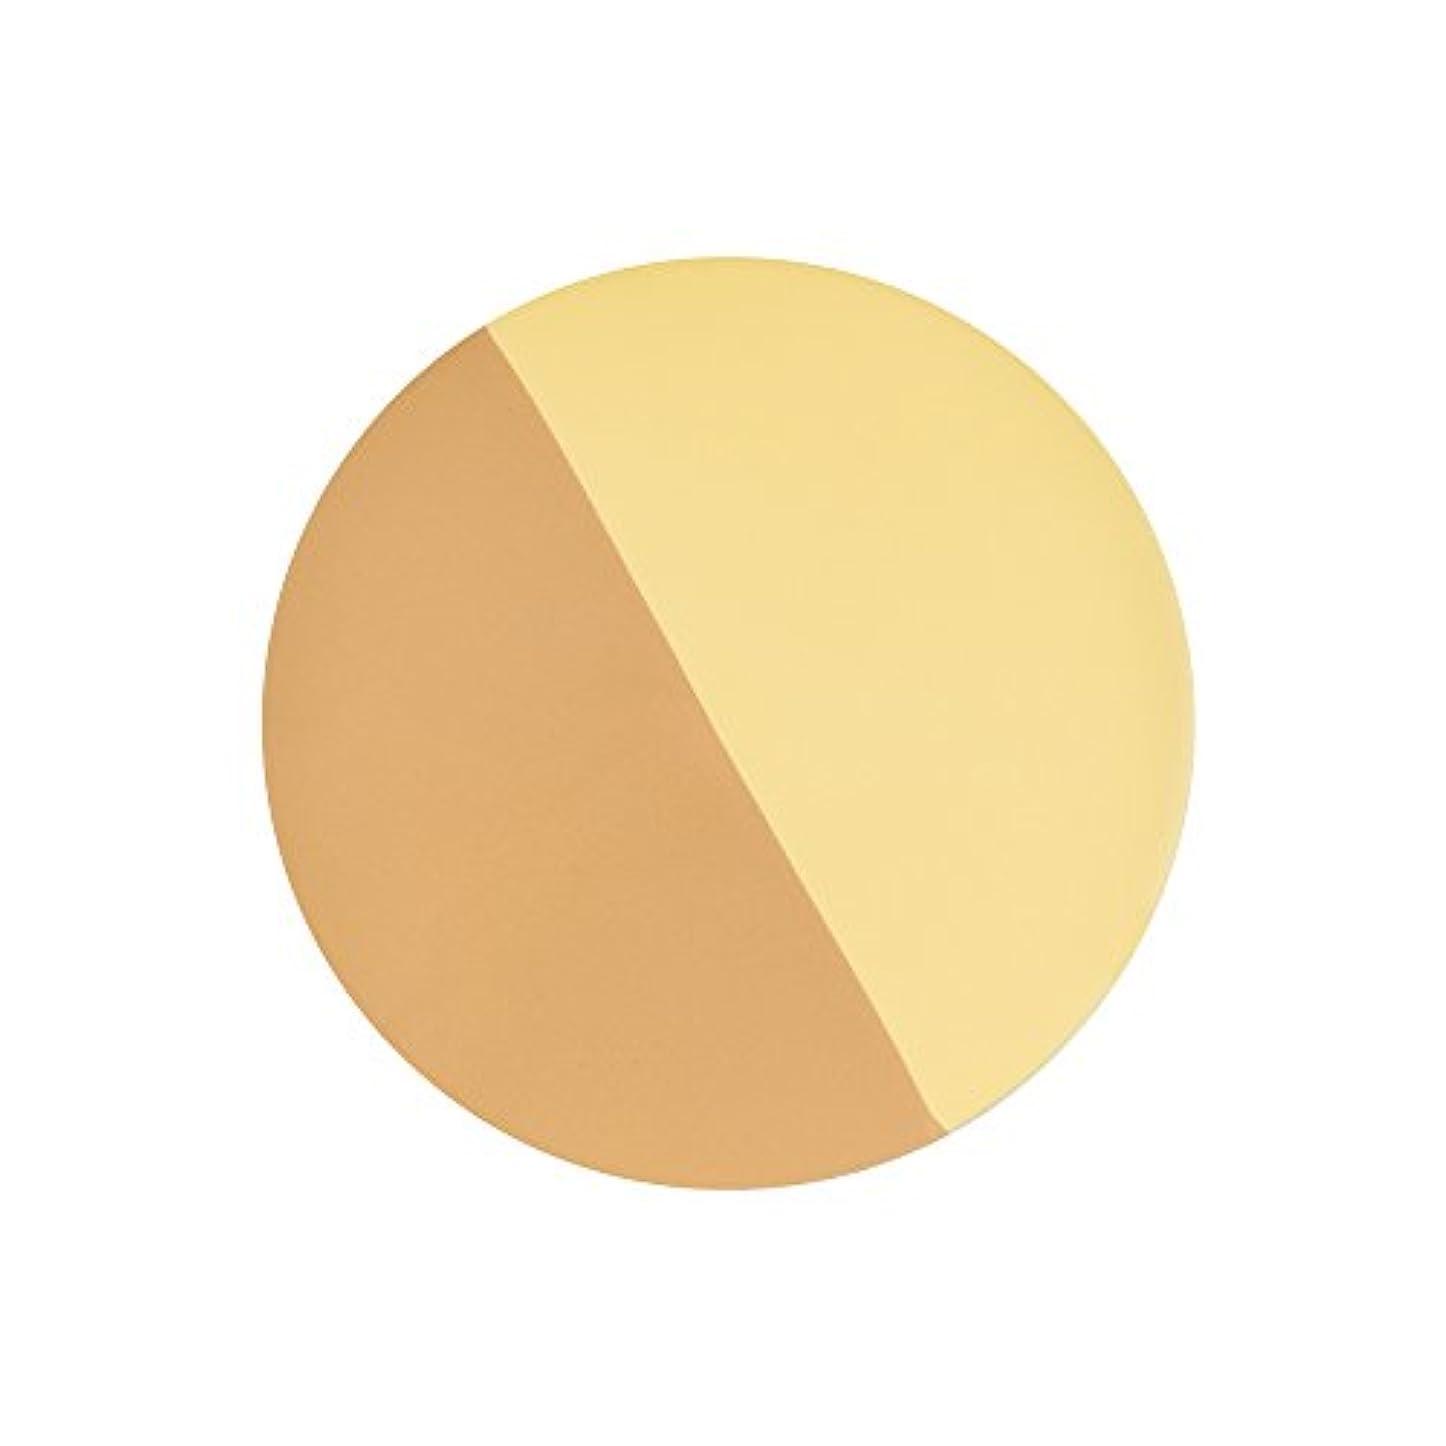 販売計画コンペメナジェリーかづきれいこ UVパーフェクトファンデーション イエローベージュ<1>(リフィル)